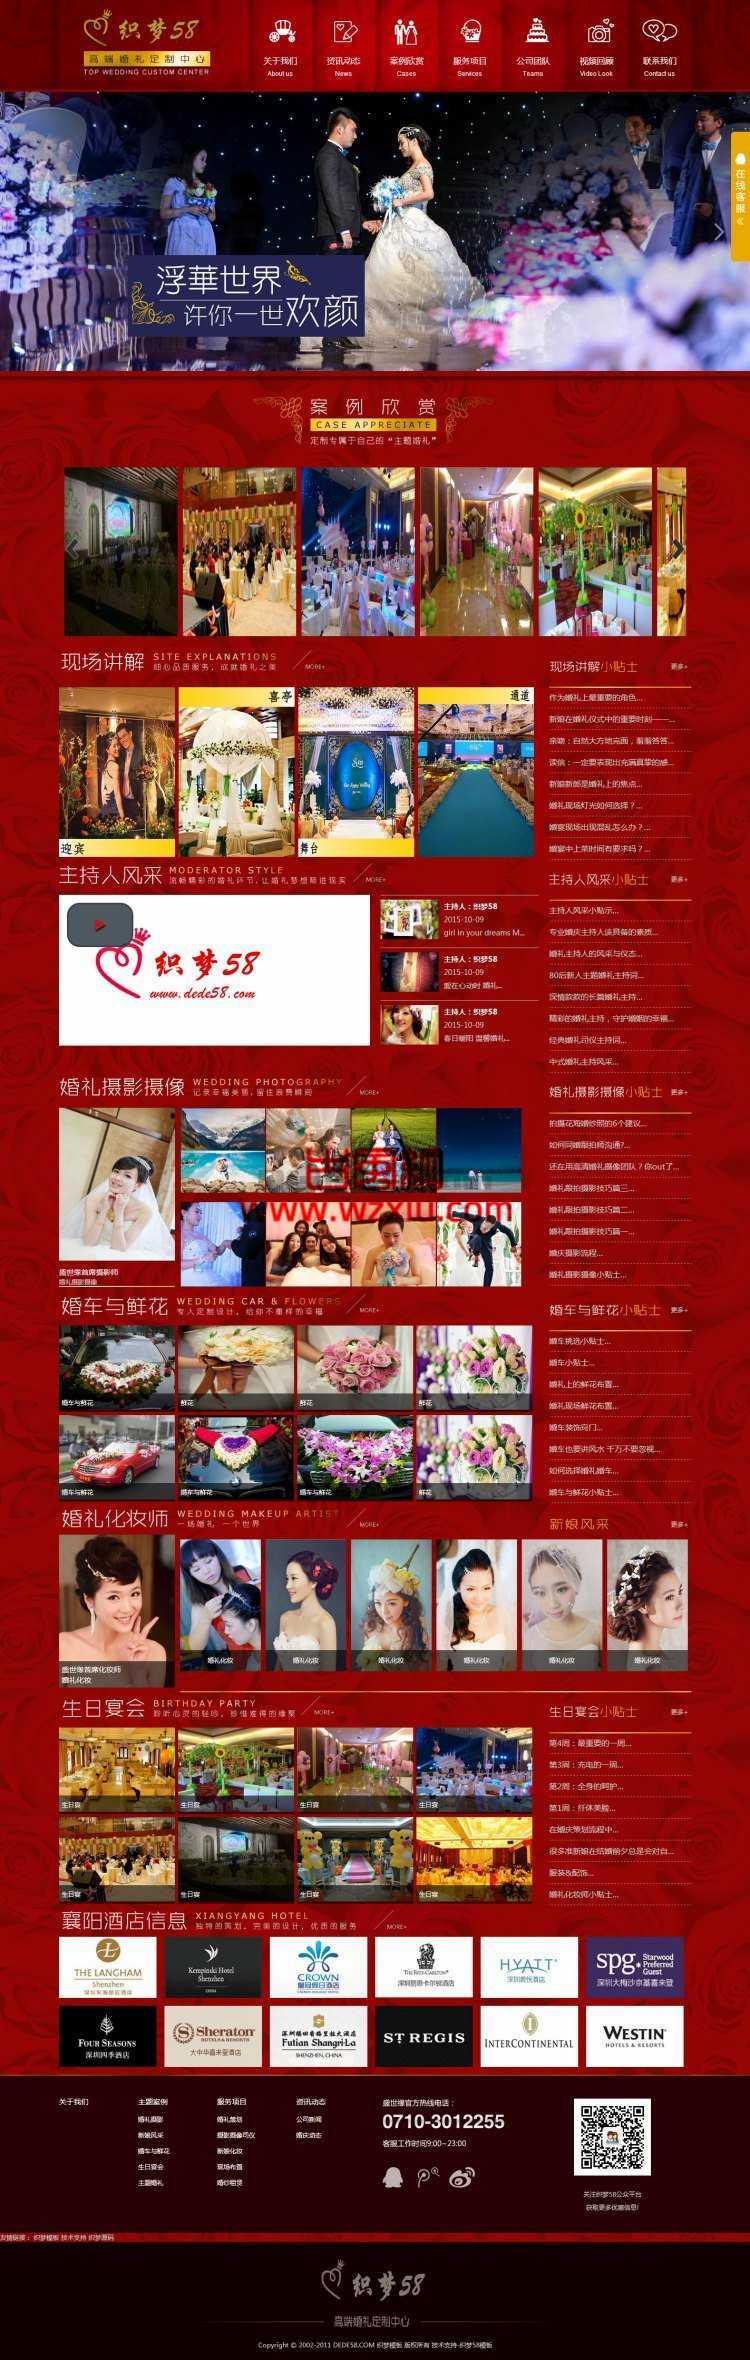 红色大气婚庆婚礼策划公司网站织梦模板